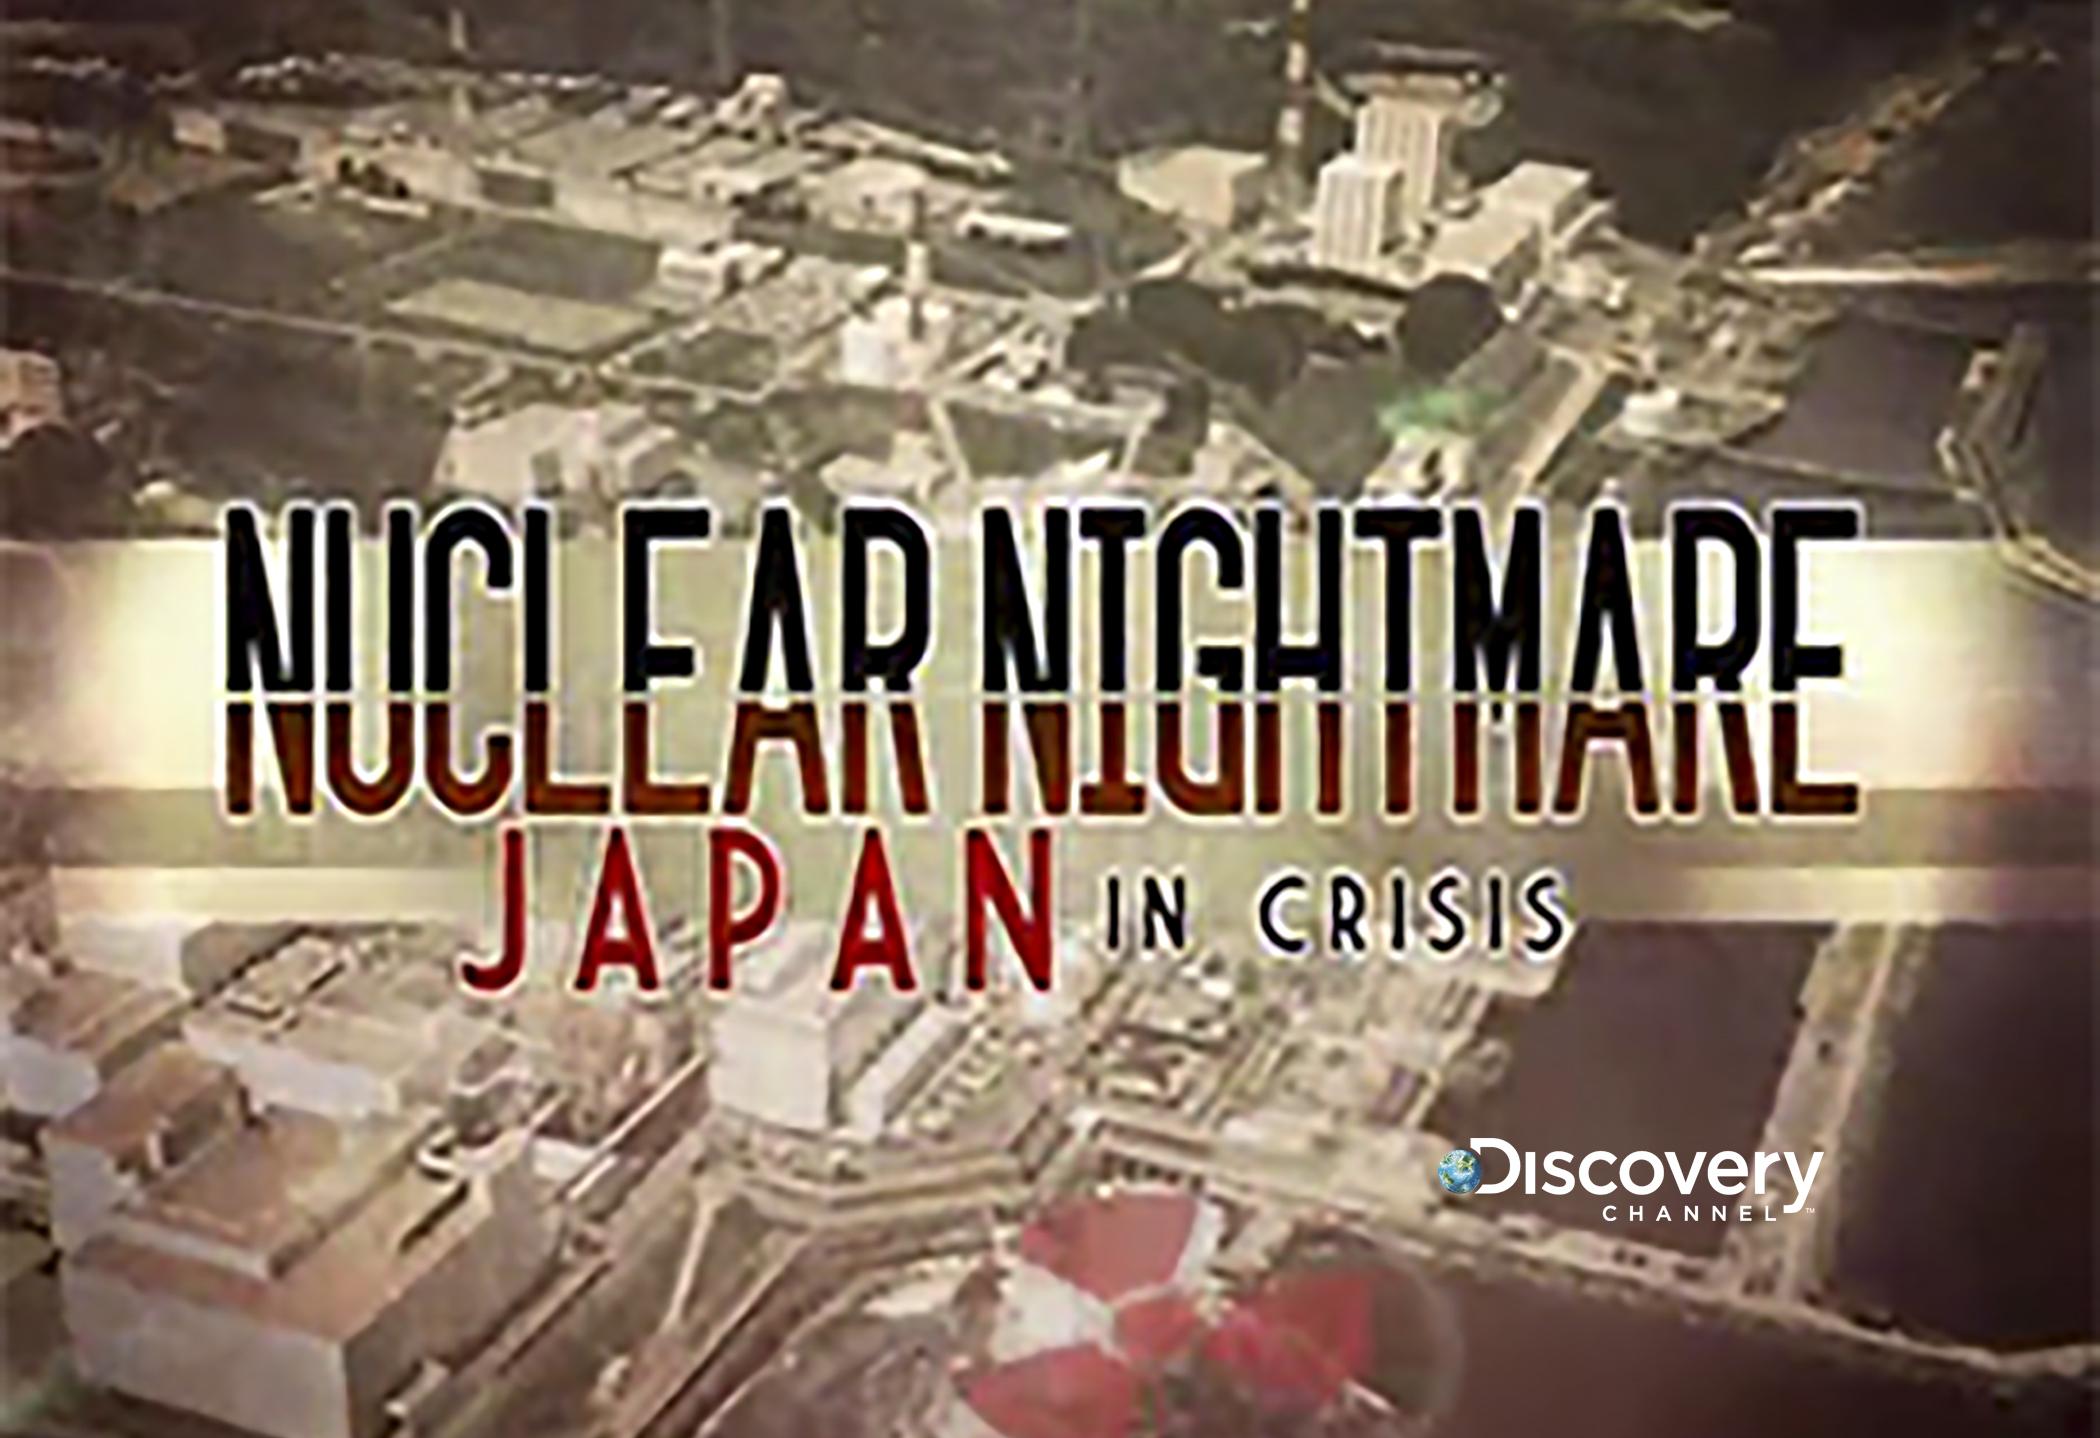 Nuclear_nightmare_japan copy3.jpg